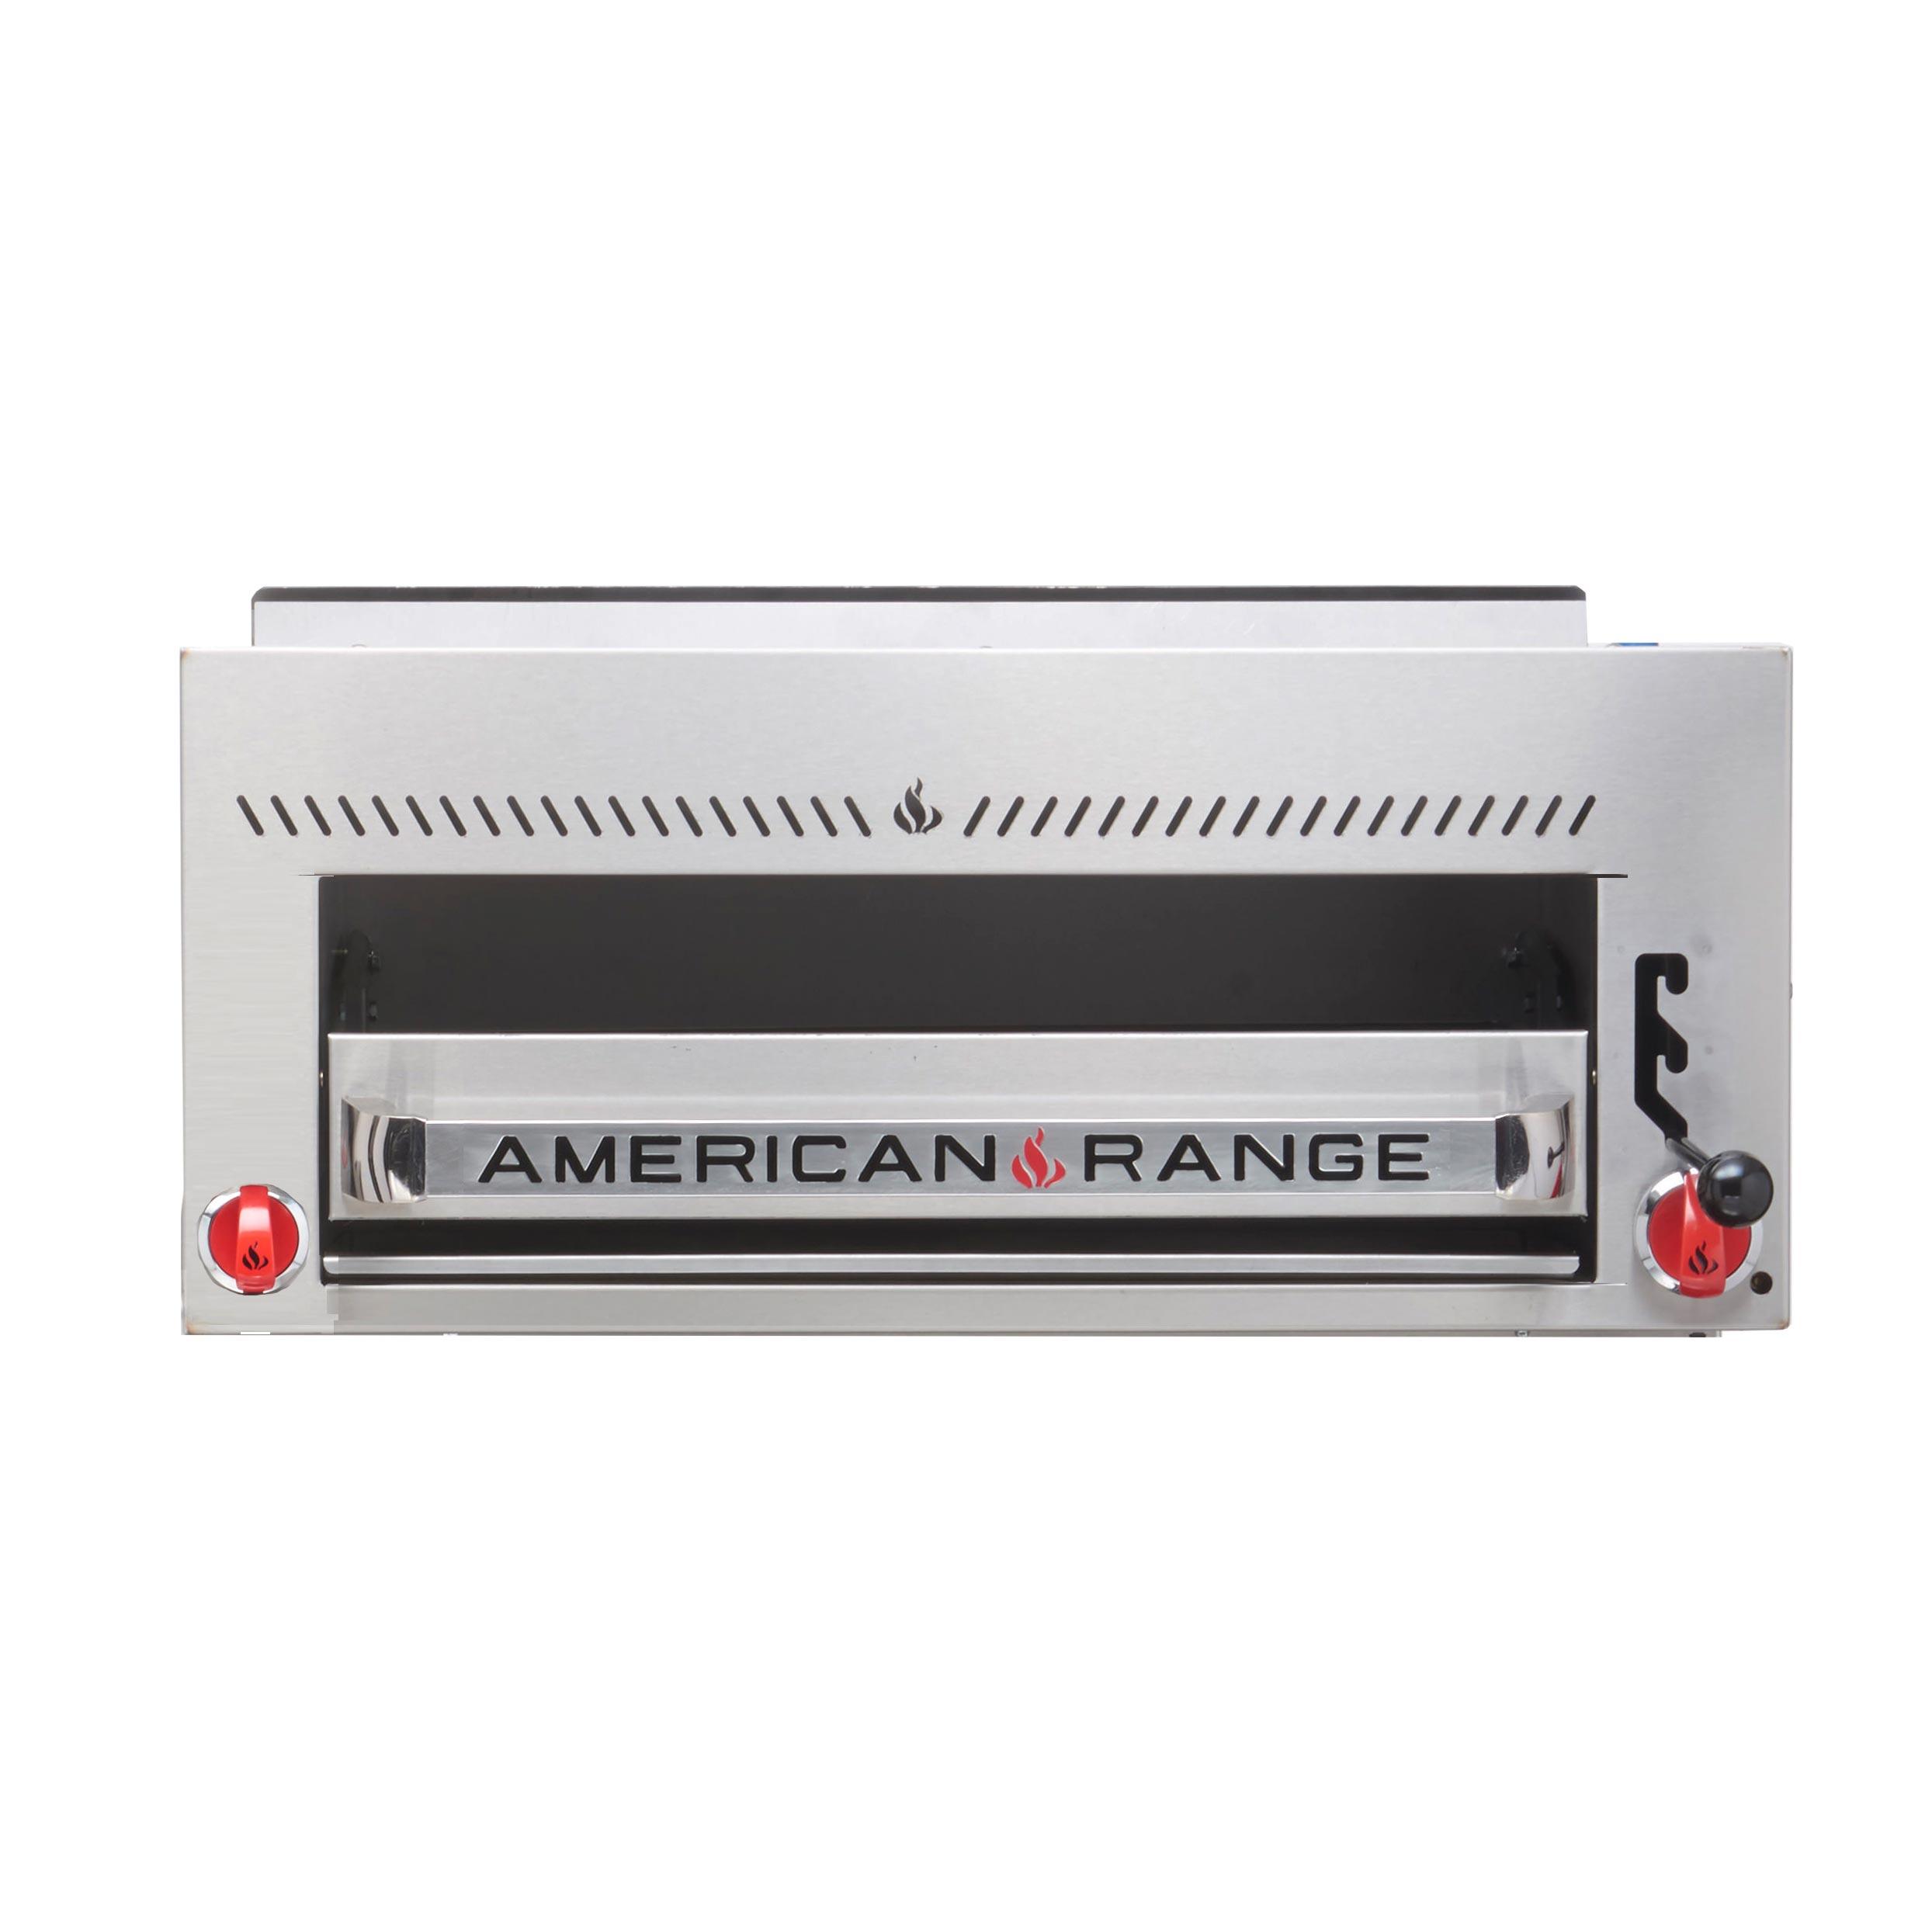 American Range ARSB-36 salamander broiler, gas